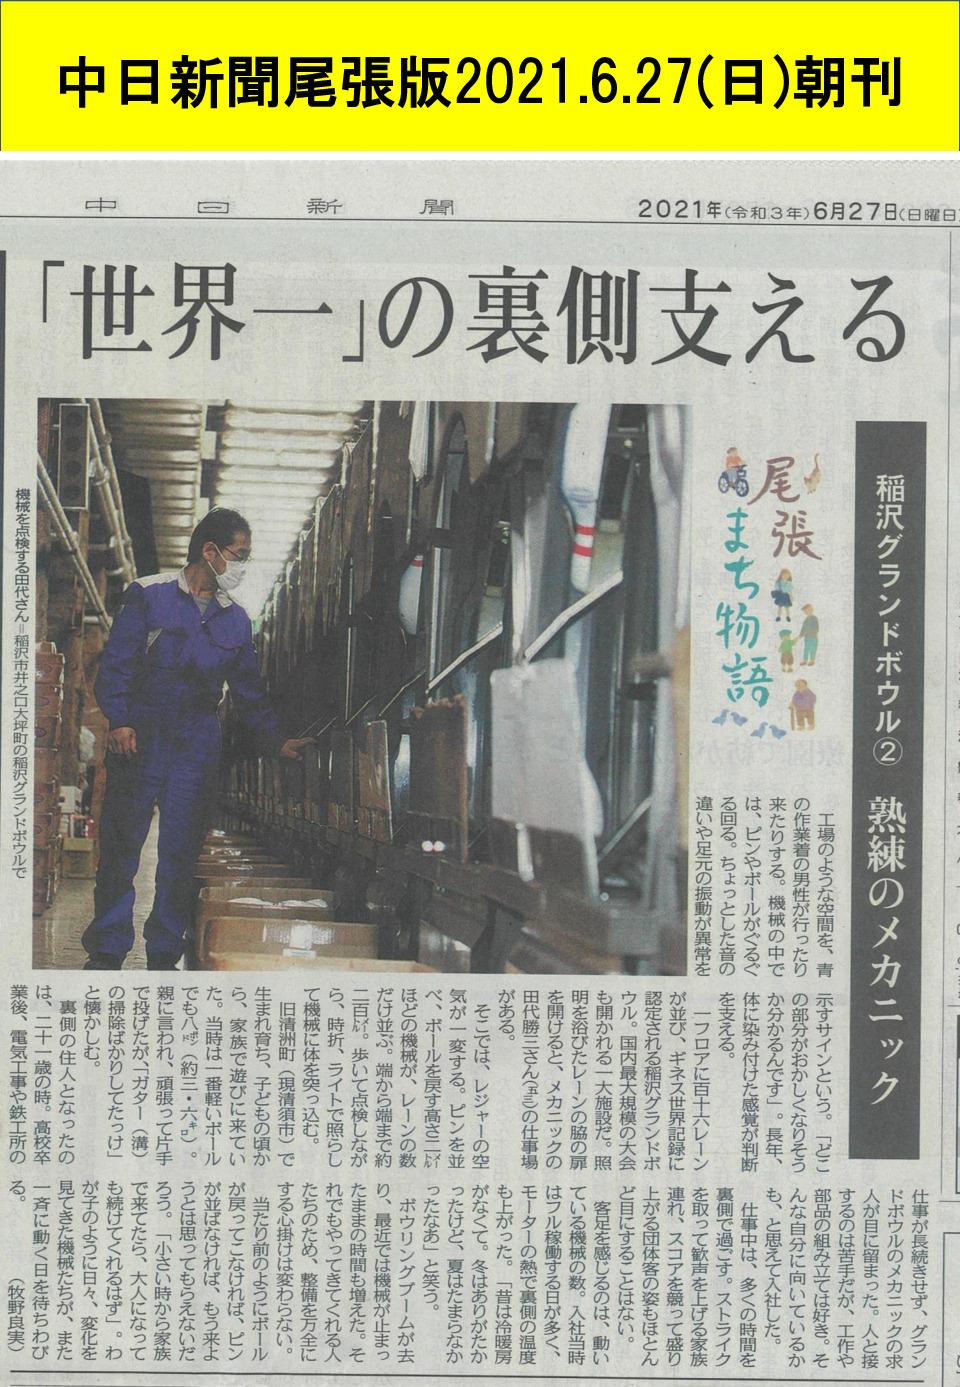 中日新聞②2021.6.27版のサムネイル